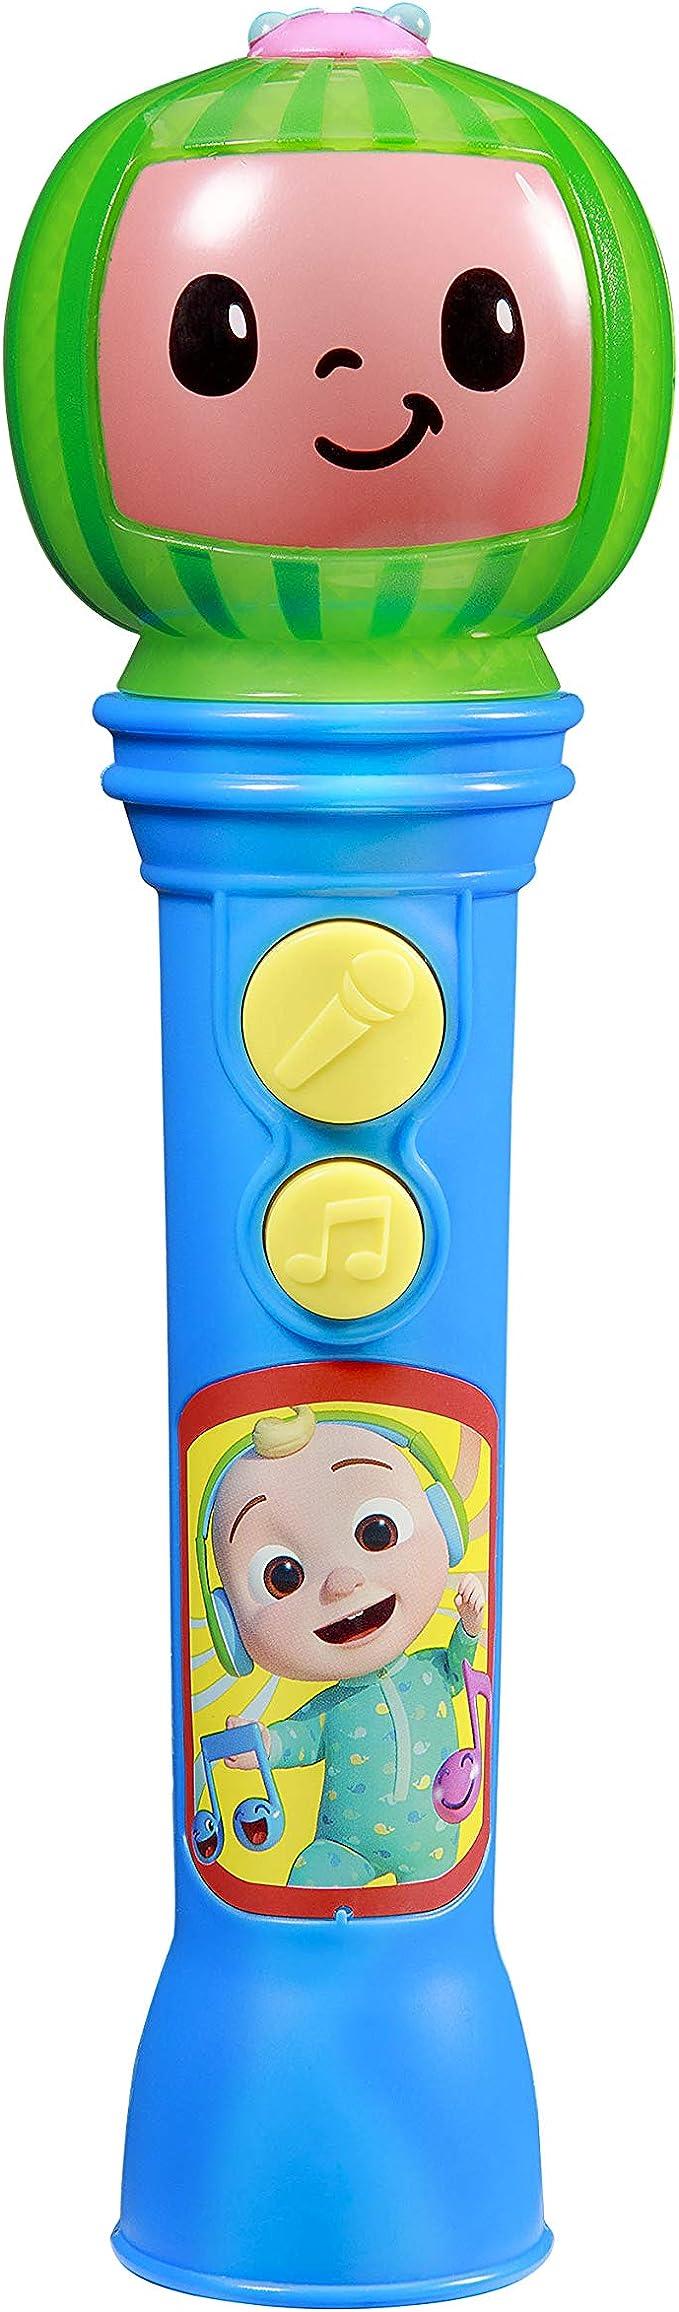 Cocomelon מיקרופון צעצוע לילדים, צעצוע מוזיקלי לפעוטות עם - צעצועים מוזיקליים